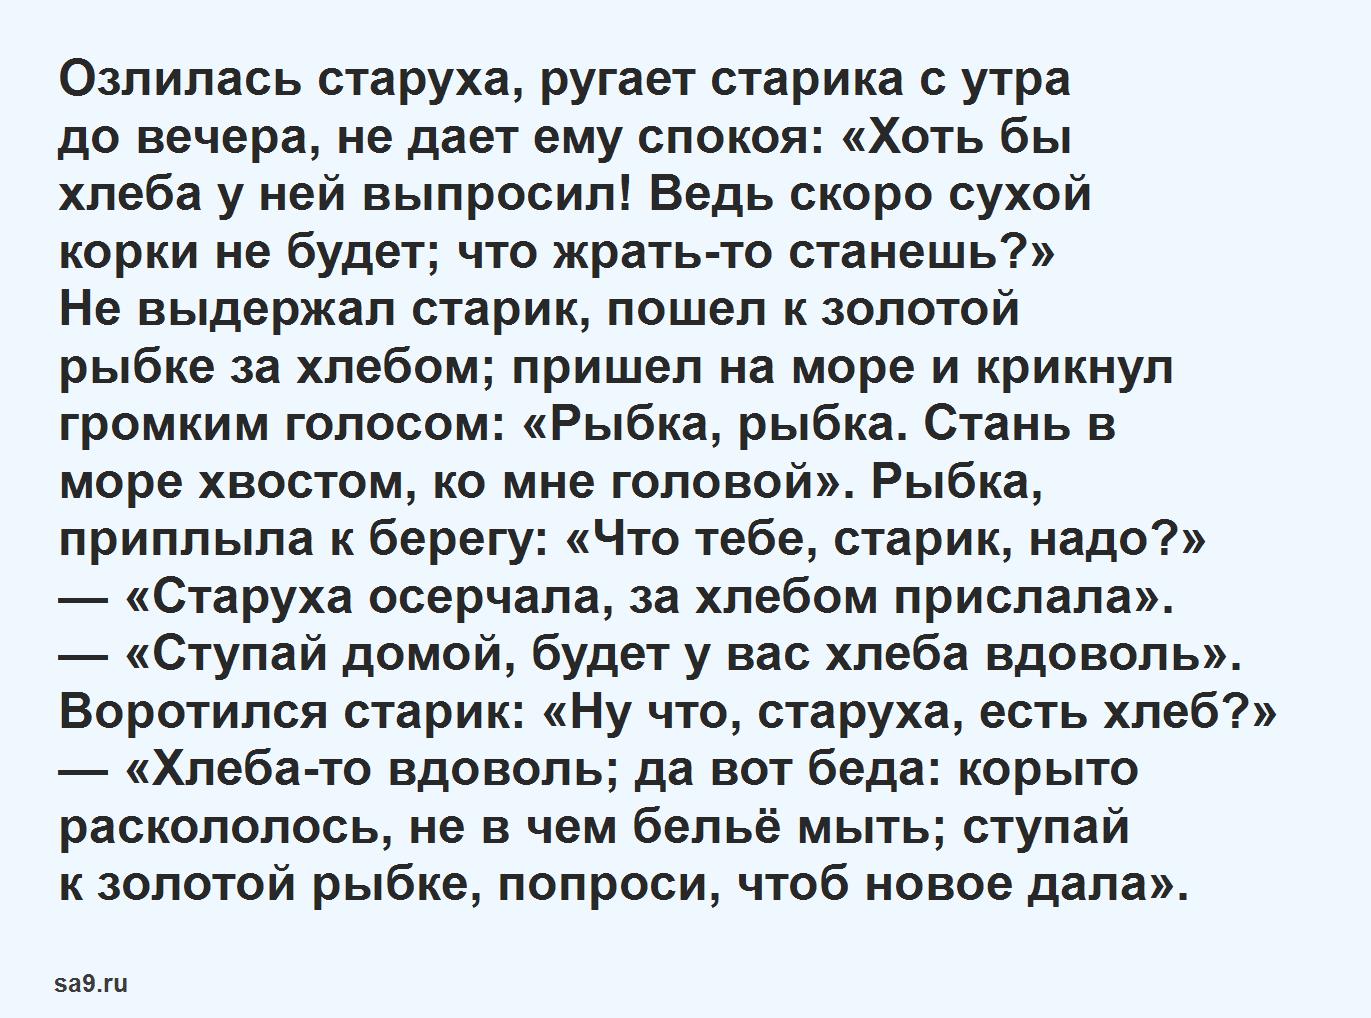 Русская народная сказка Золотая рыбка, читать онлайн бесплатно